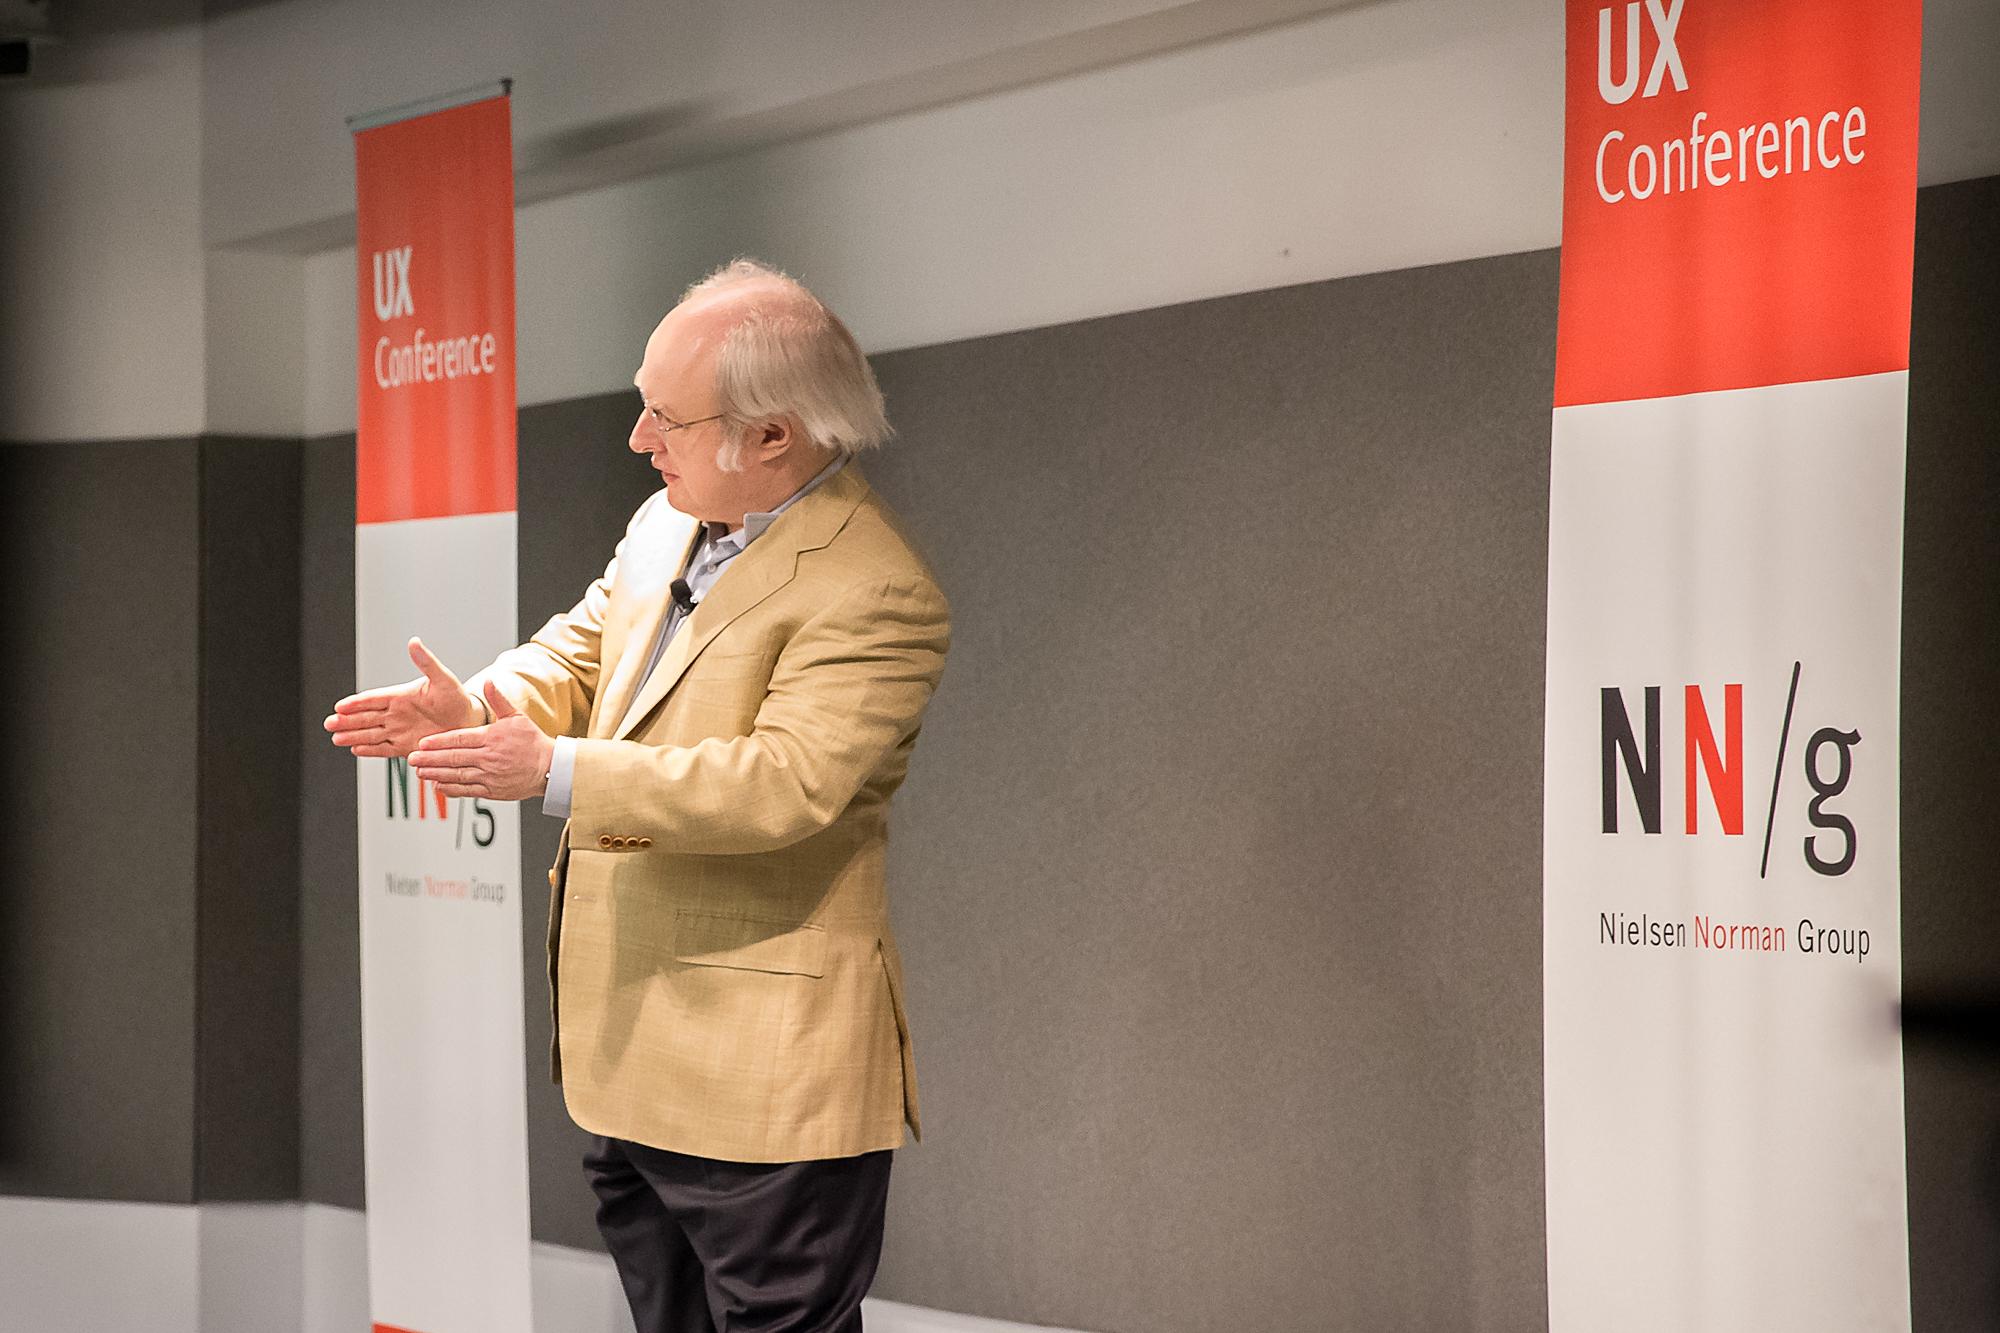 Jakob Nielsen keynote: Copenhagen, NYC, London and Las Vegas 2017